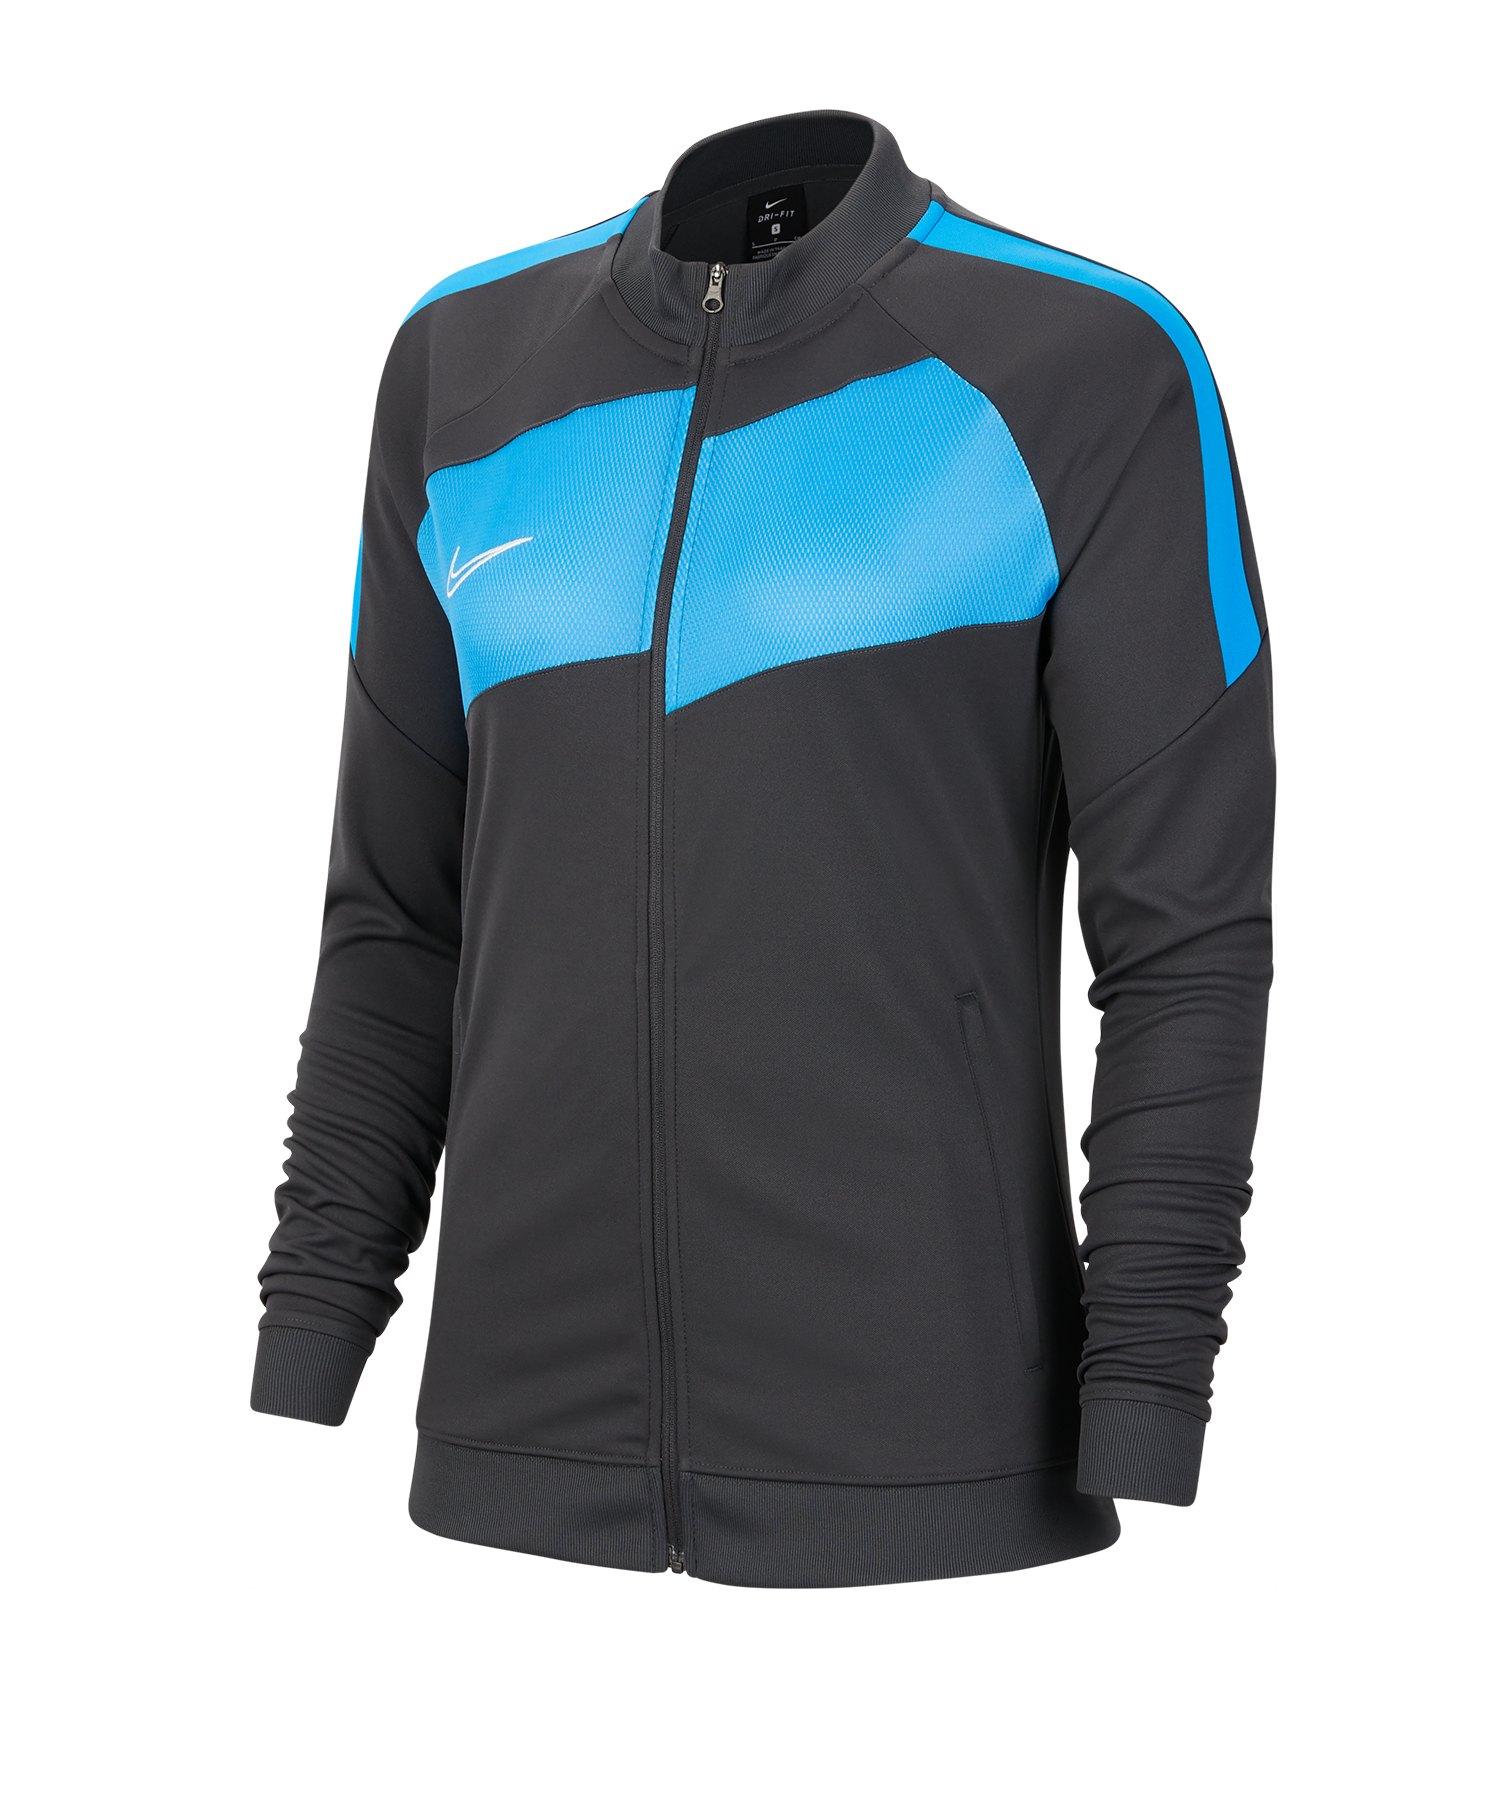 Nike Academy Pro Jacke Damen Grau Blau F060 - grau